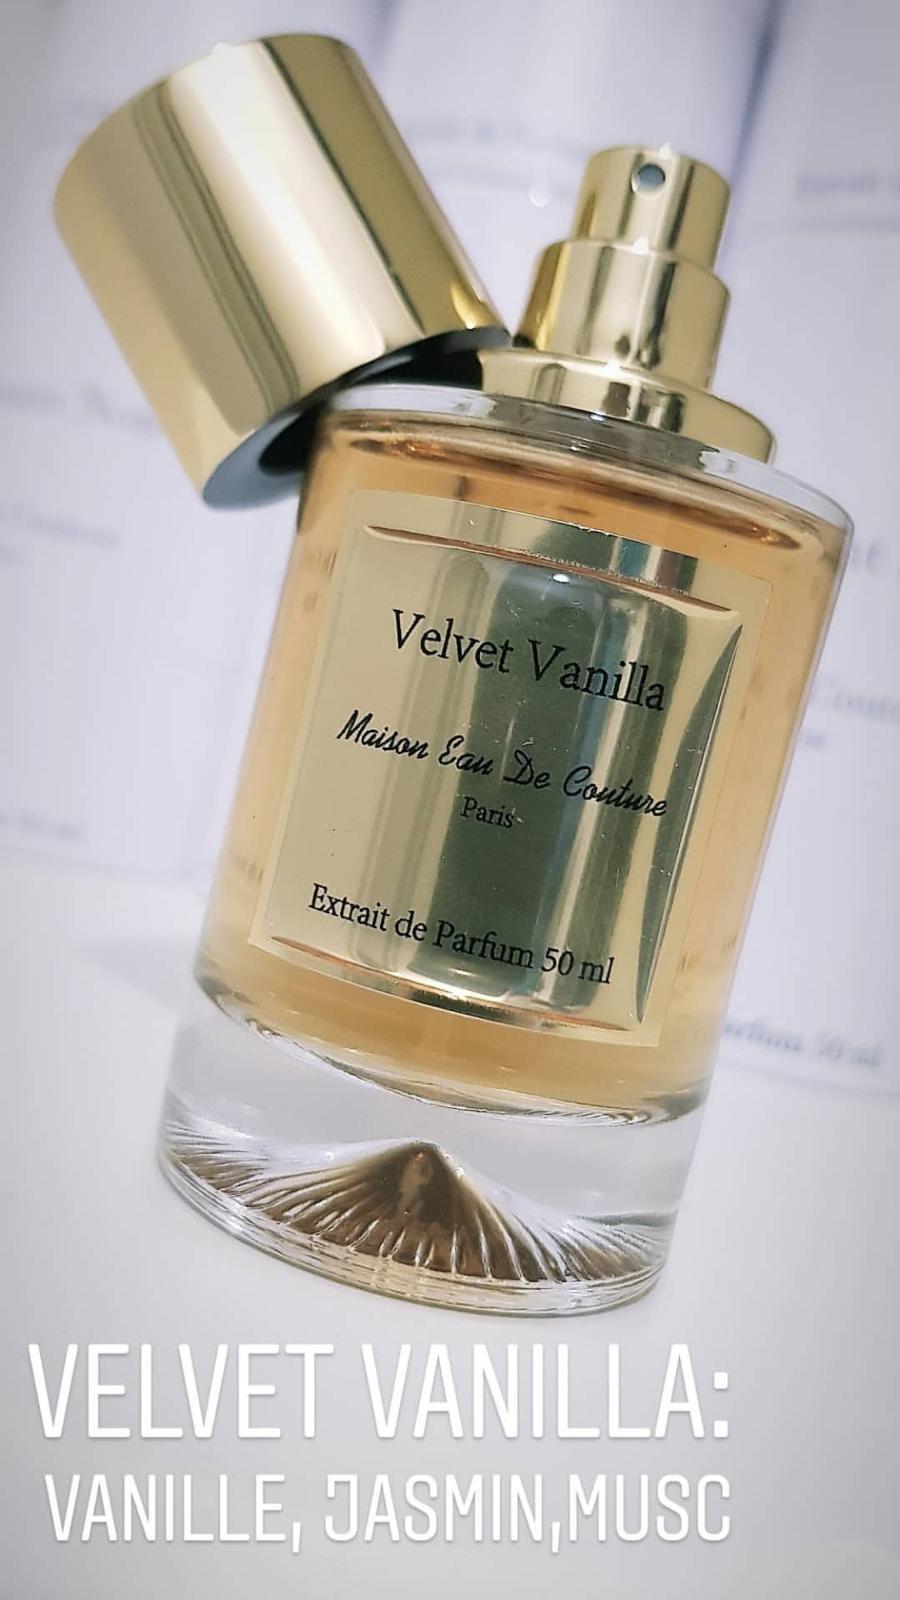 Velvet vanilla Maison eau de couture